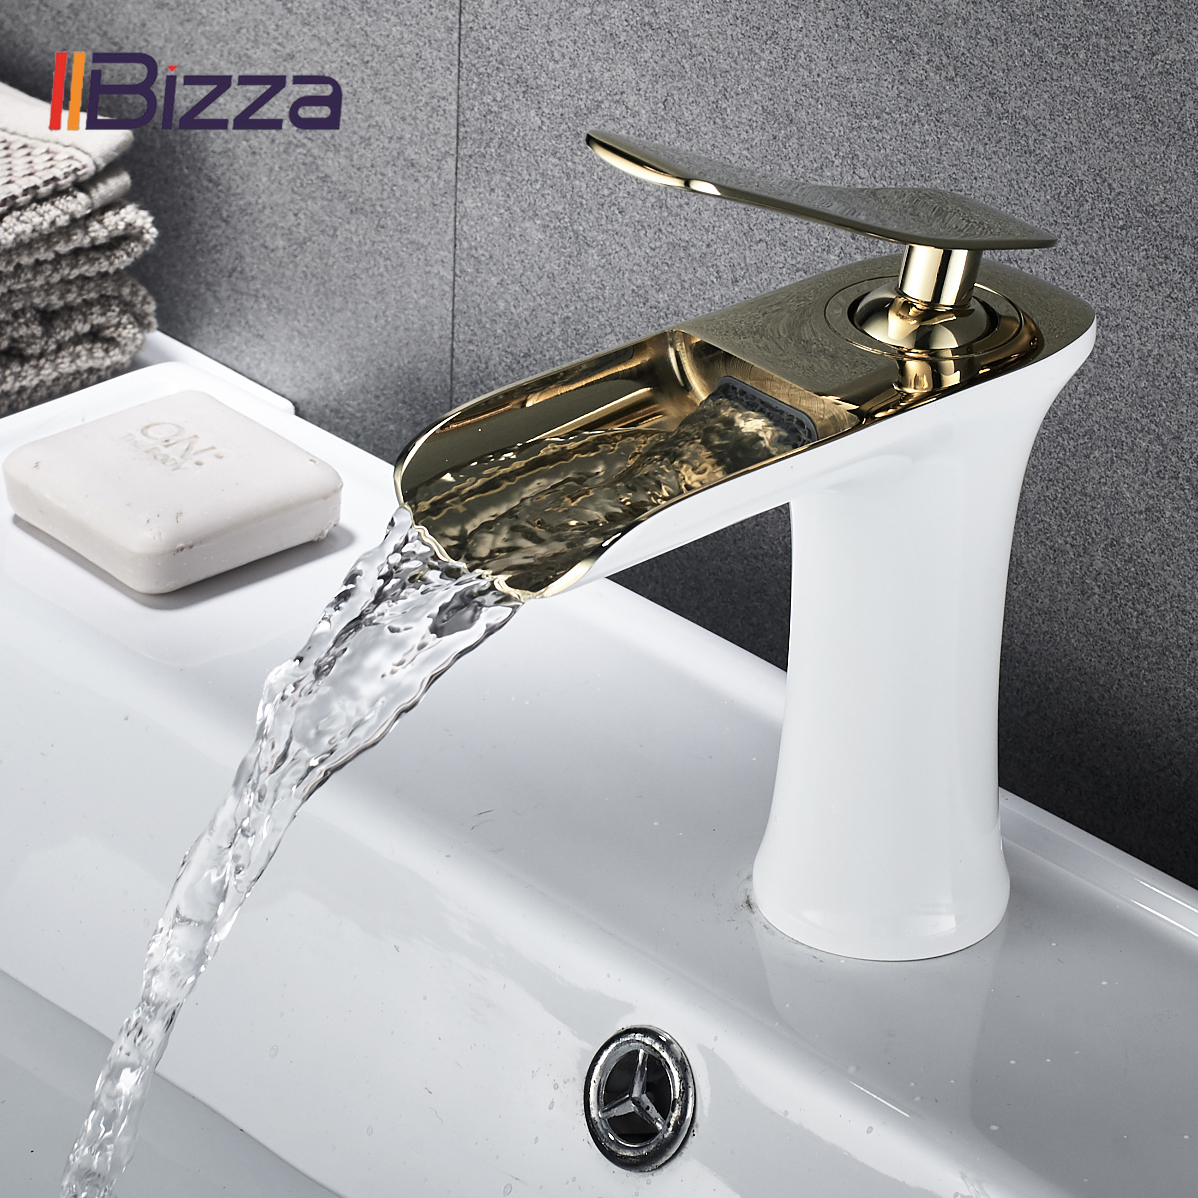 Кран для раковины, черный водопад, смесители для ванной комнаты, кран для горячей и холодной воды, смеситель для раковины, хромированный лат...